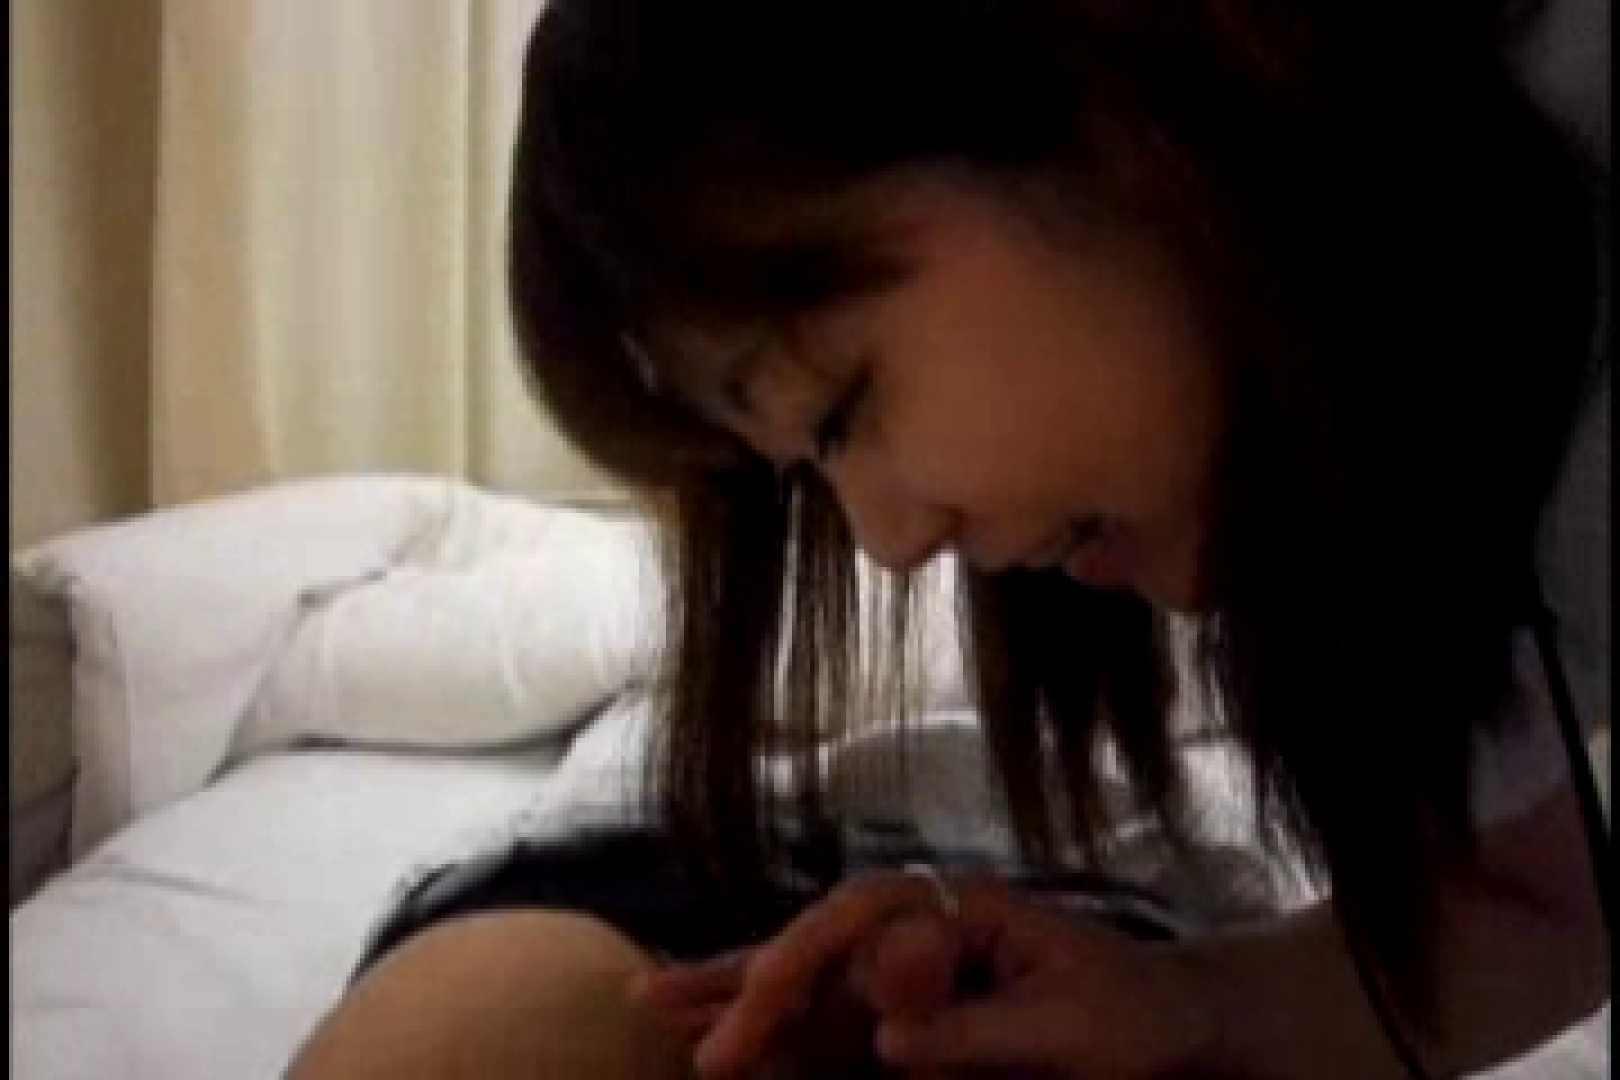 ヤリマンと呼ばれた看護士さんvol1 エッチなOL セックス無修正動画無料 99枚 86